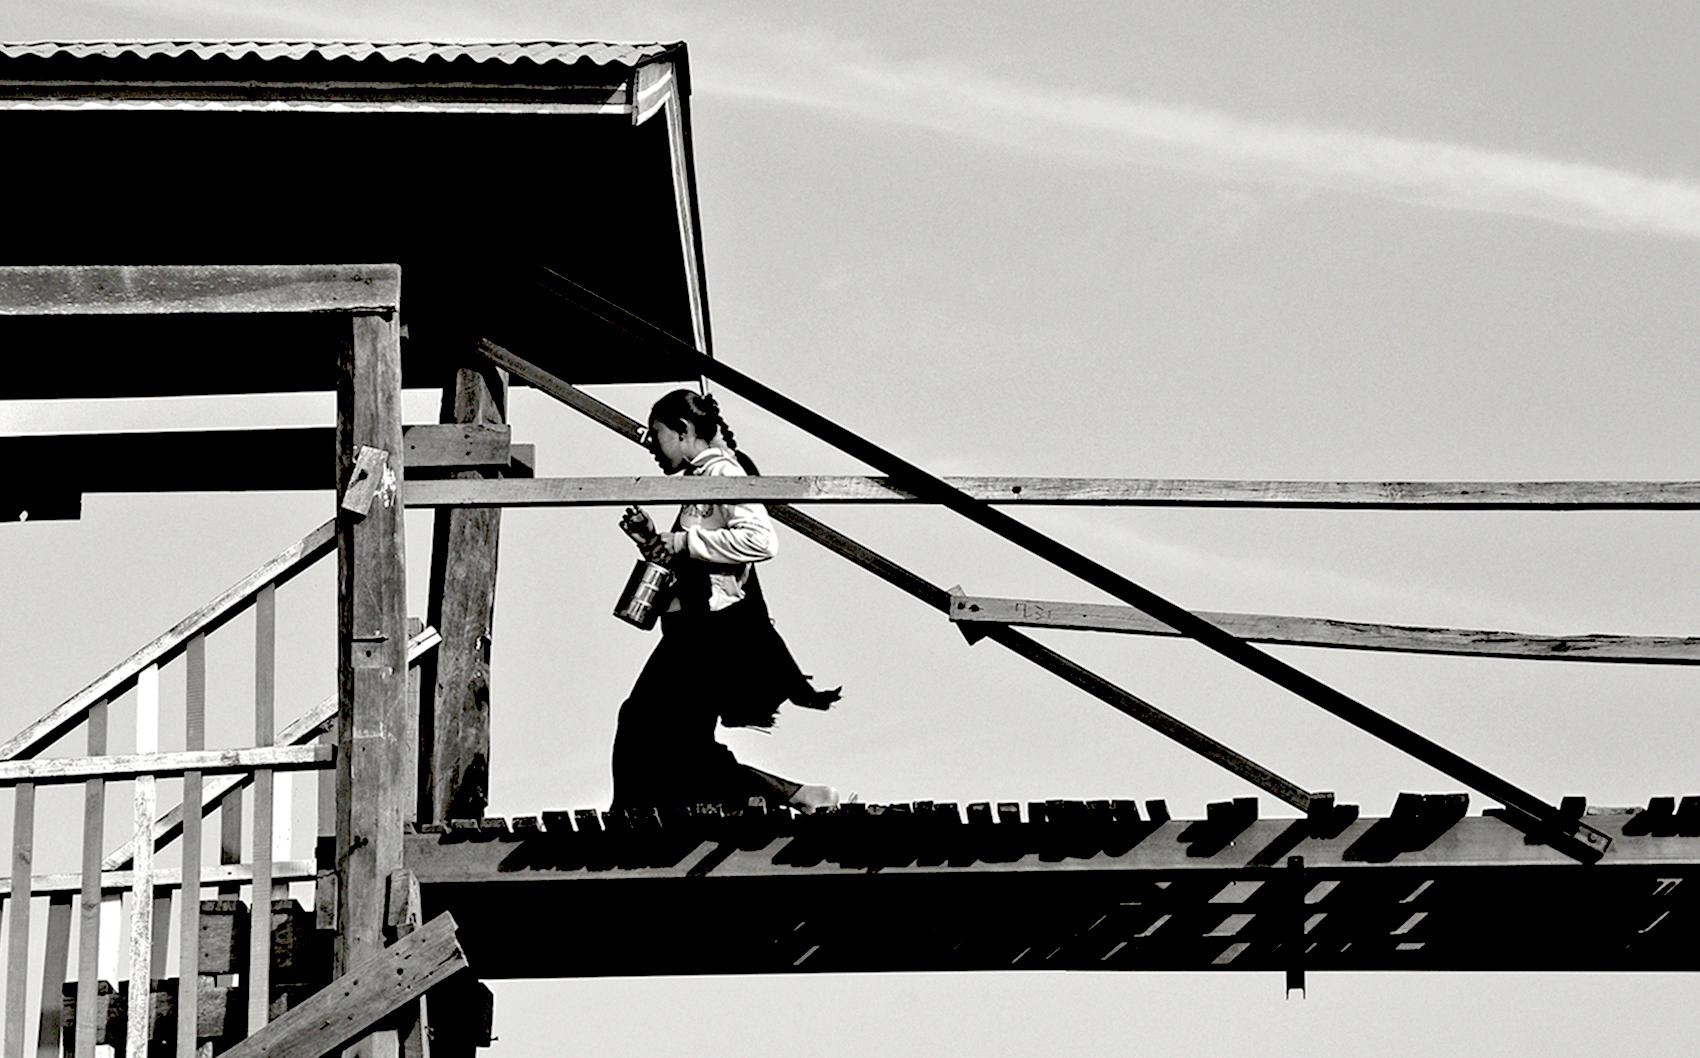 MISURE GIUSTE Sonia Costa_ The girl on the bridge